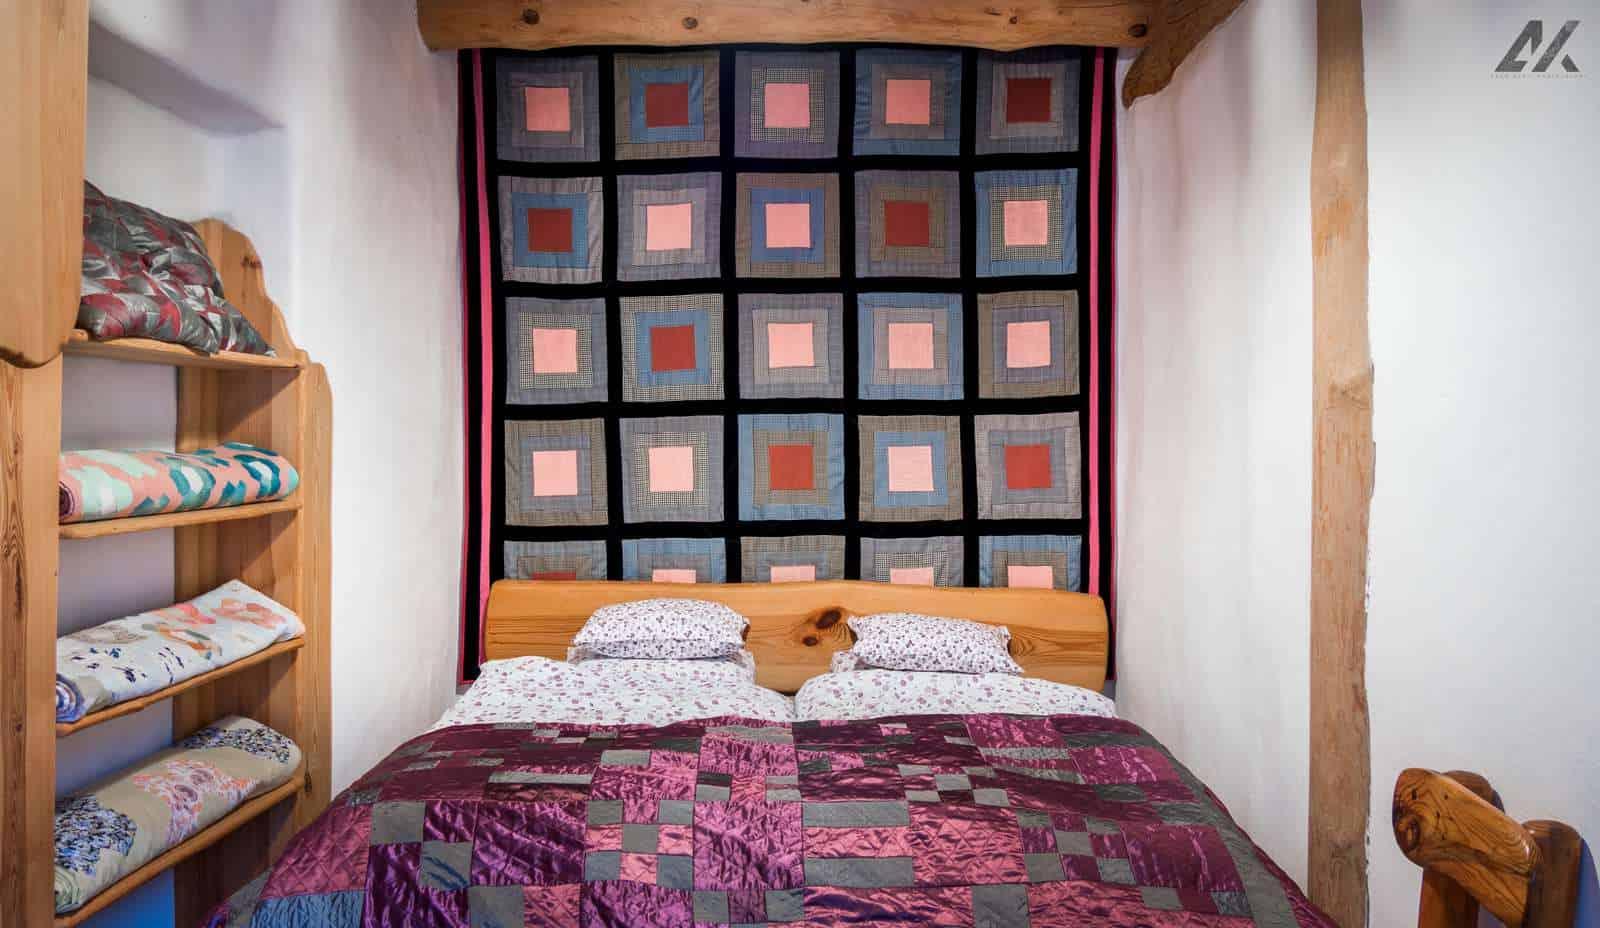 Kismélyvölgyi Vendégház - emeleti hálószoba foltmunkákkal - szállás Pécs